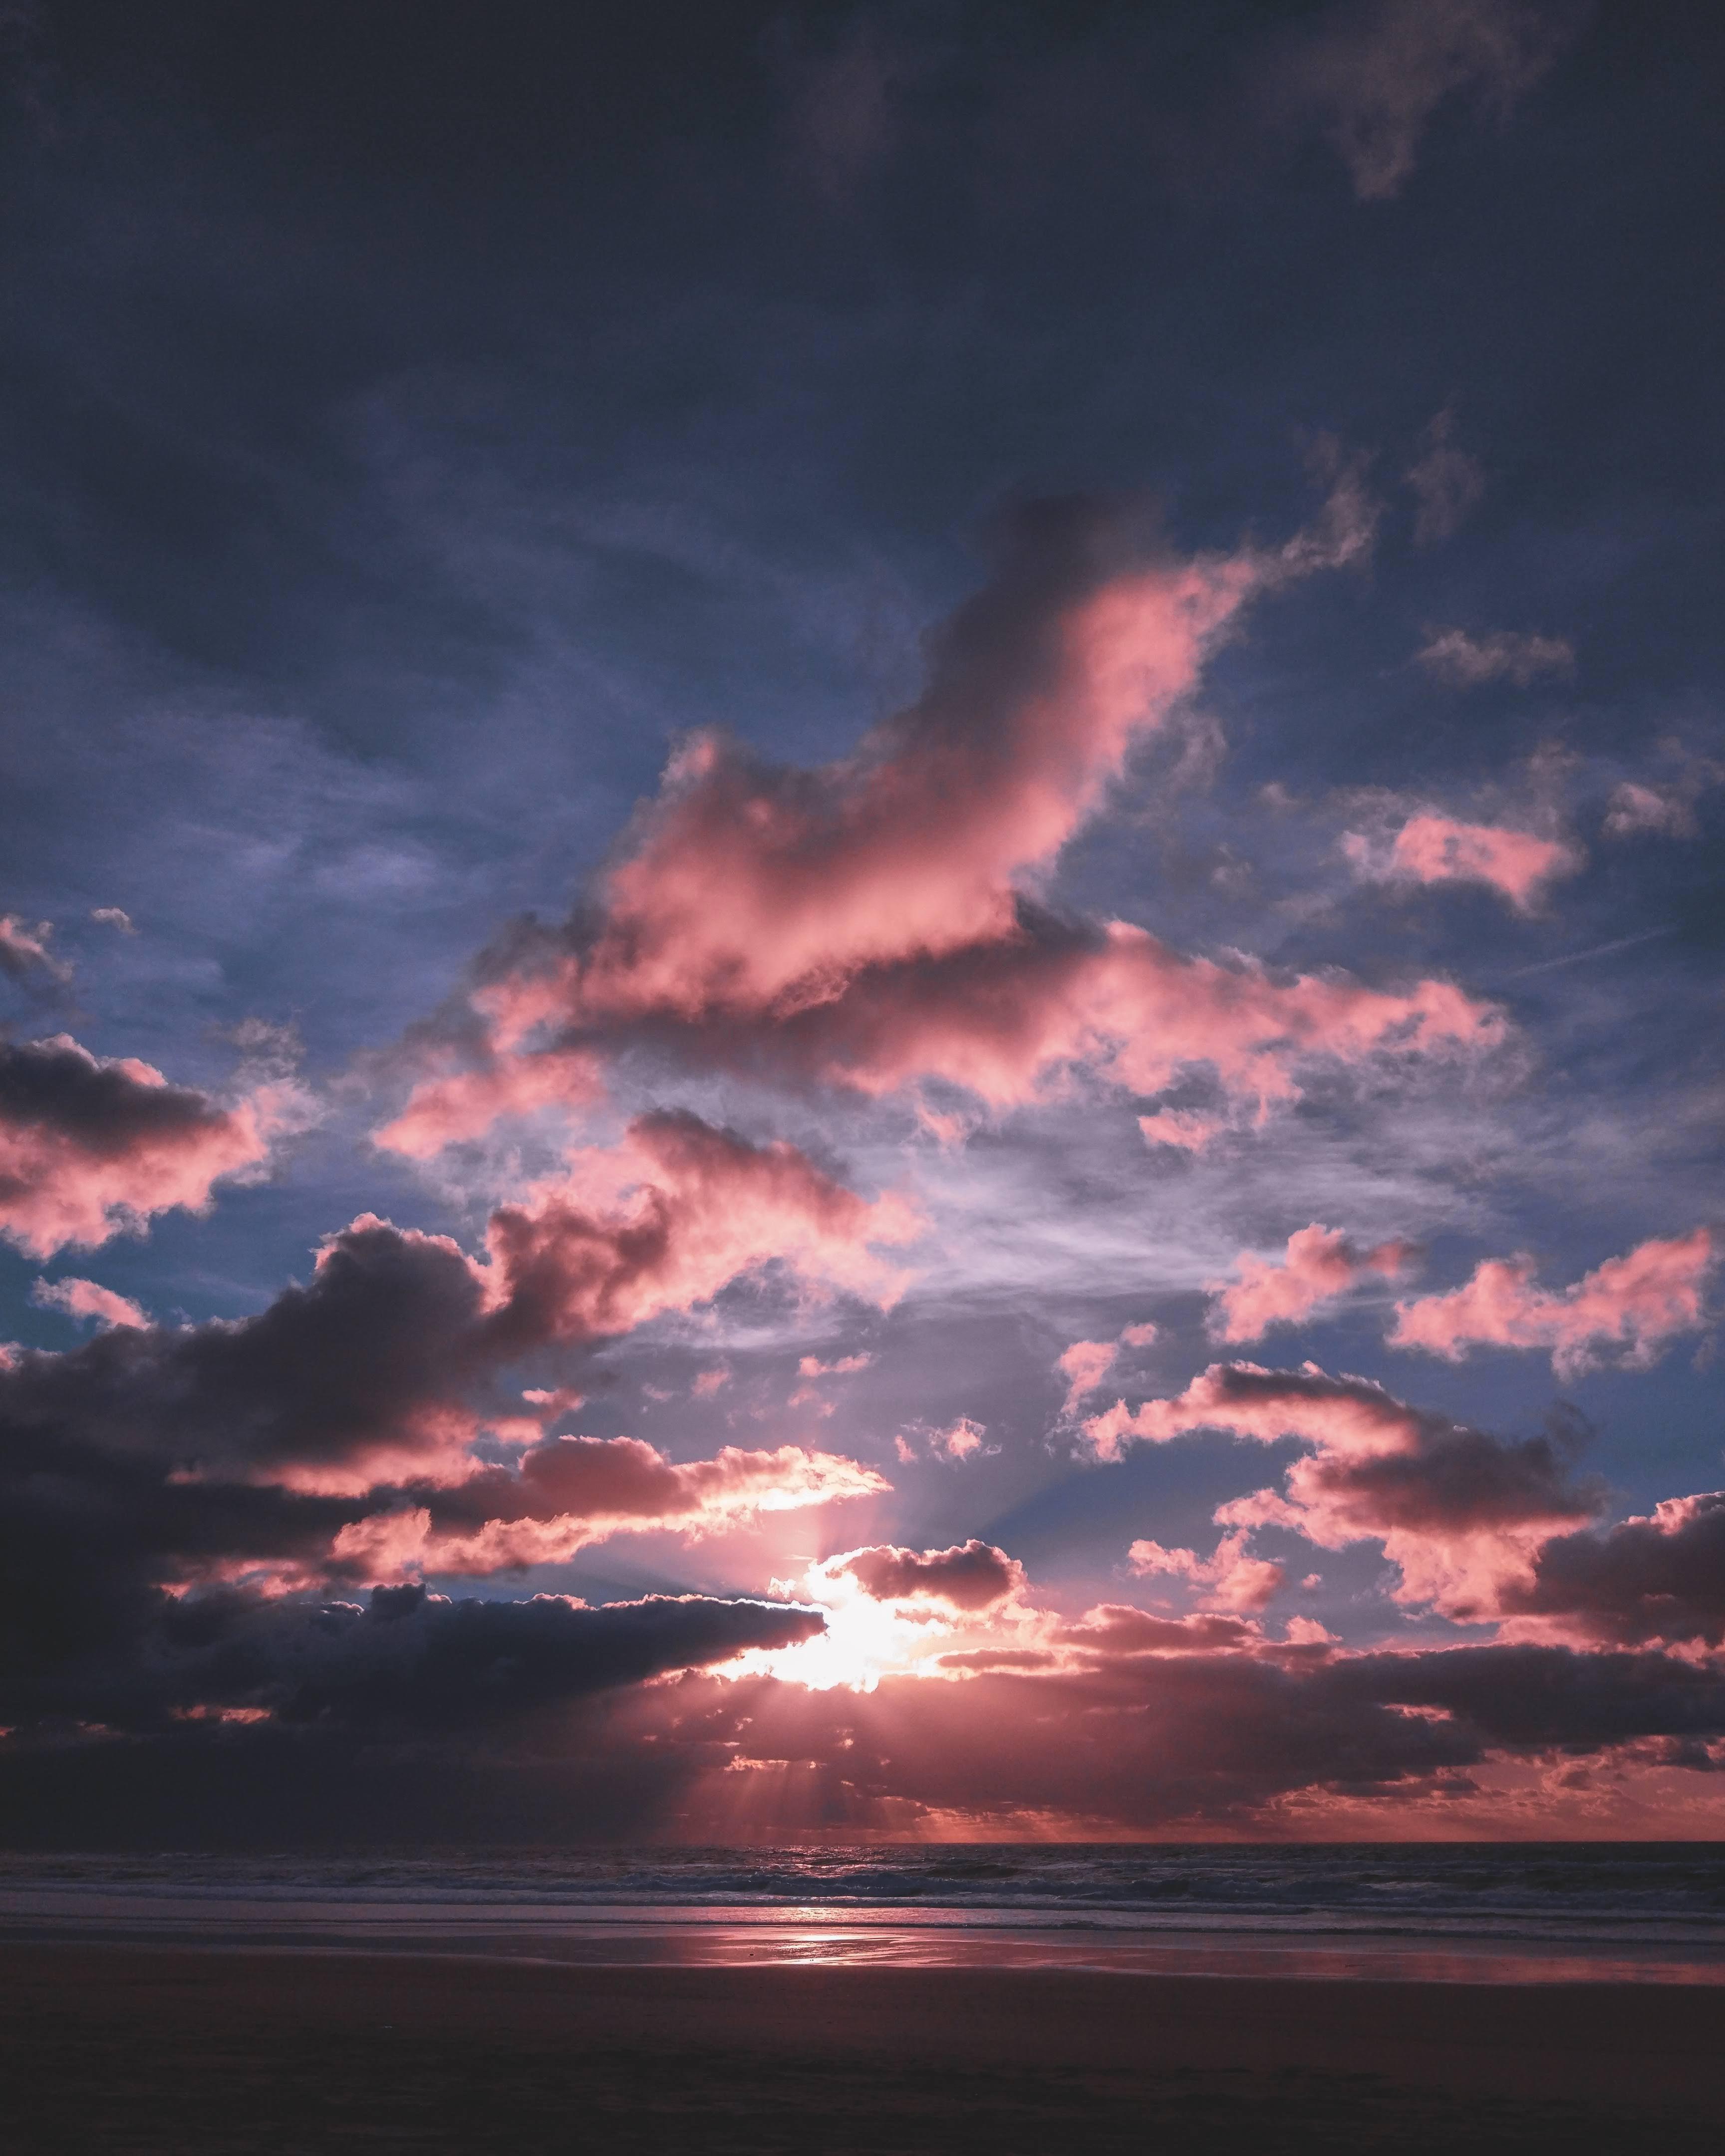 99886壁紙のダウンロード自然, ビーチ, 日没, ビーム, 光線, 海, 地平線-スクリーンセーバーと写真を無料で